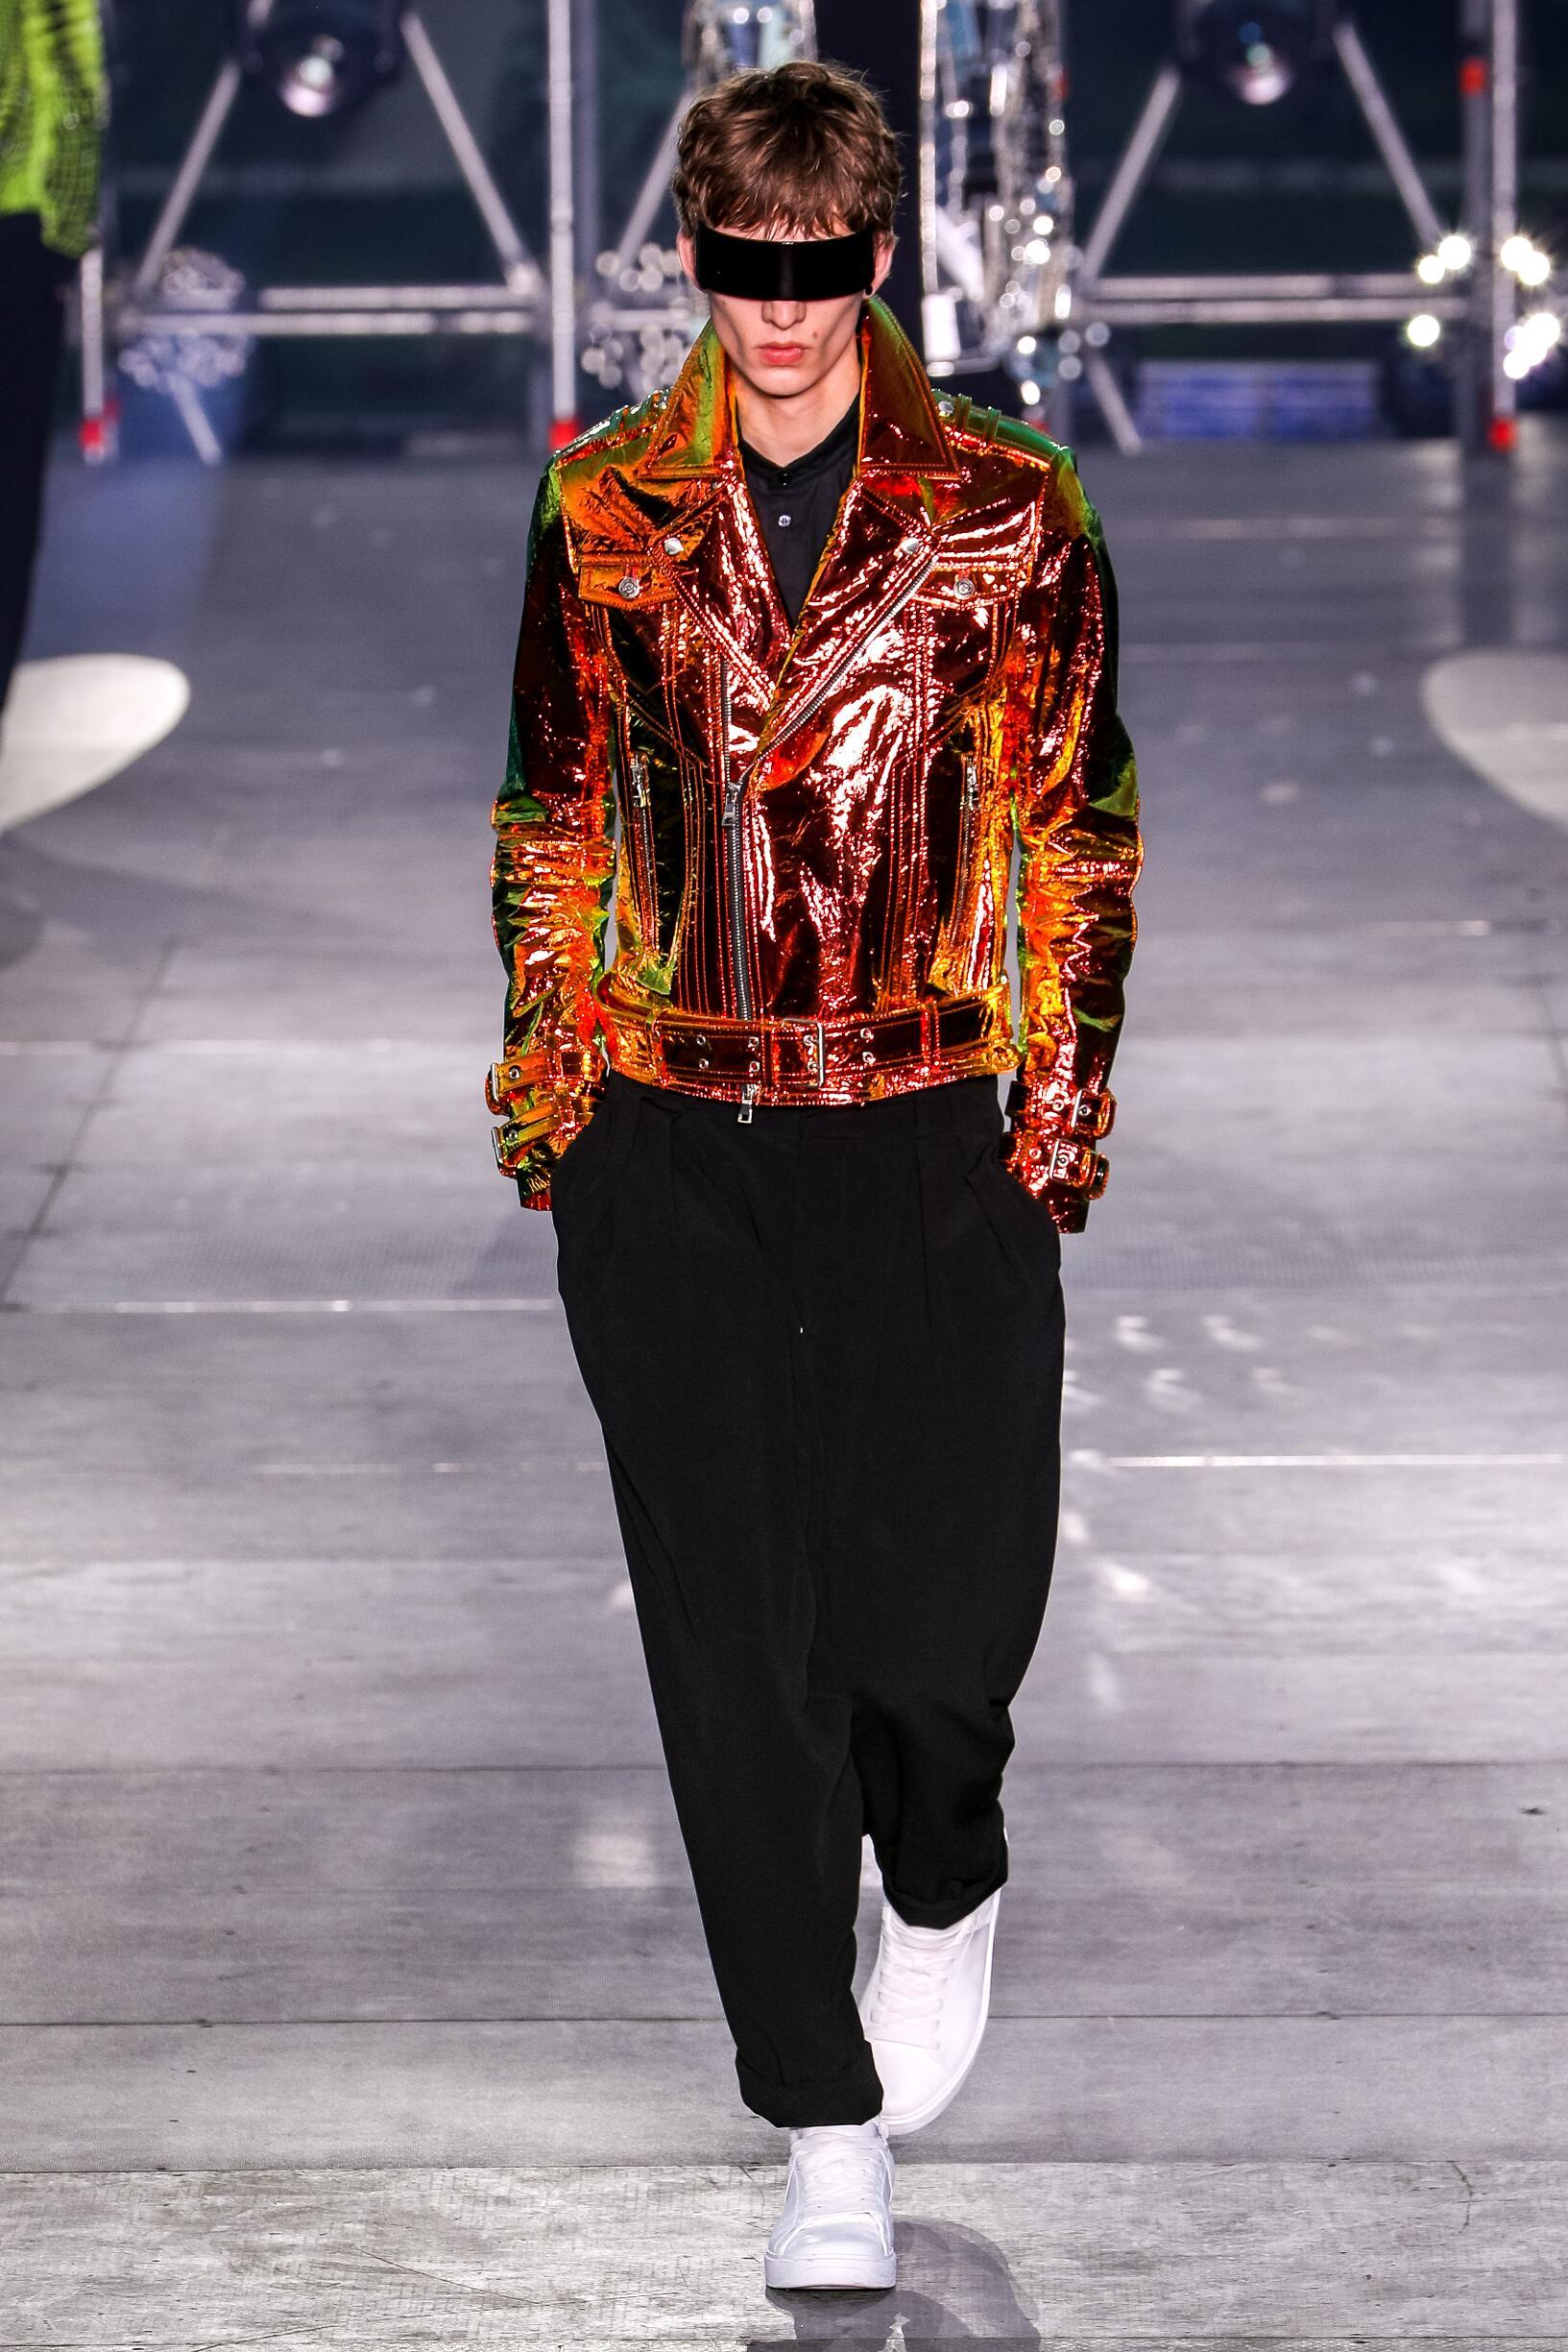 Balmain Menswear Collection Style